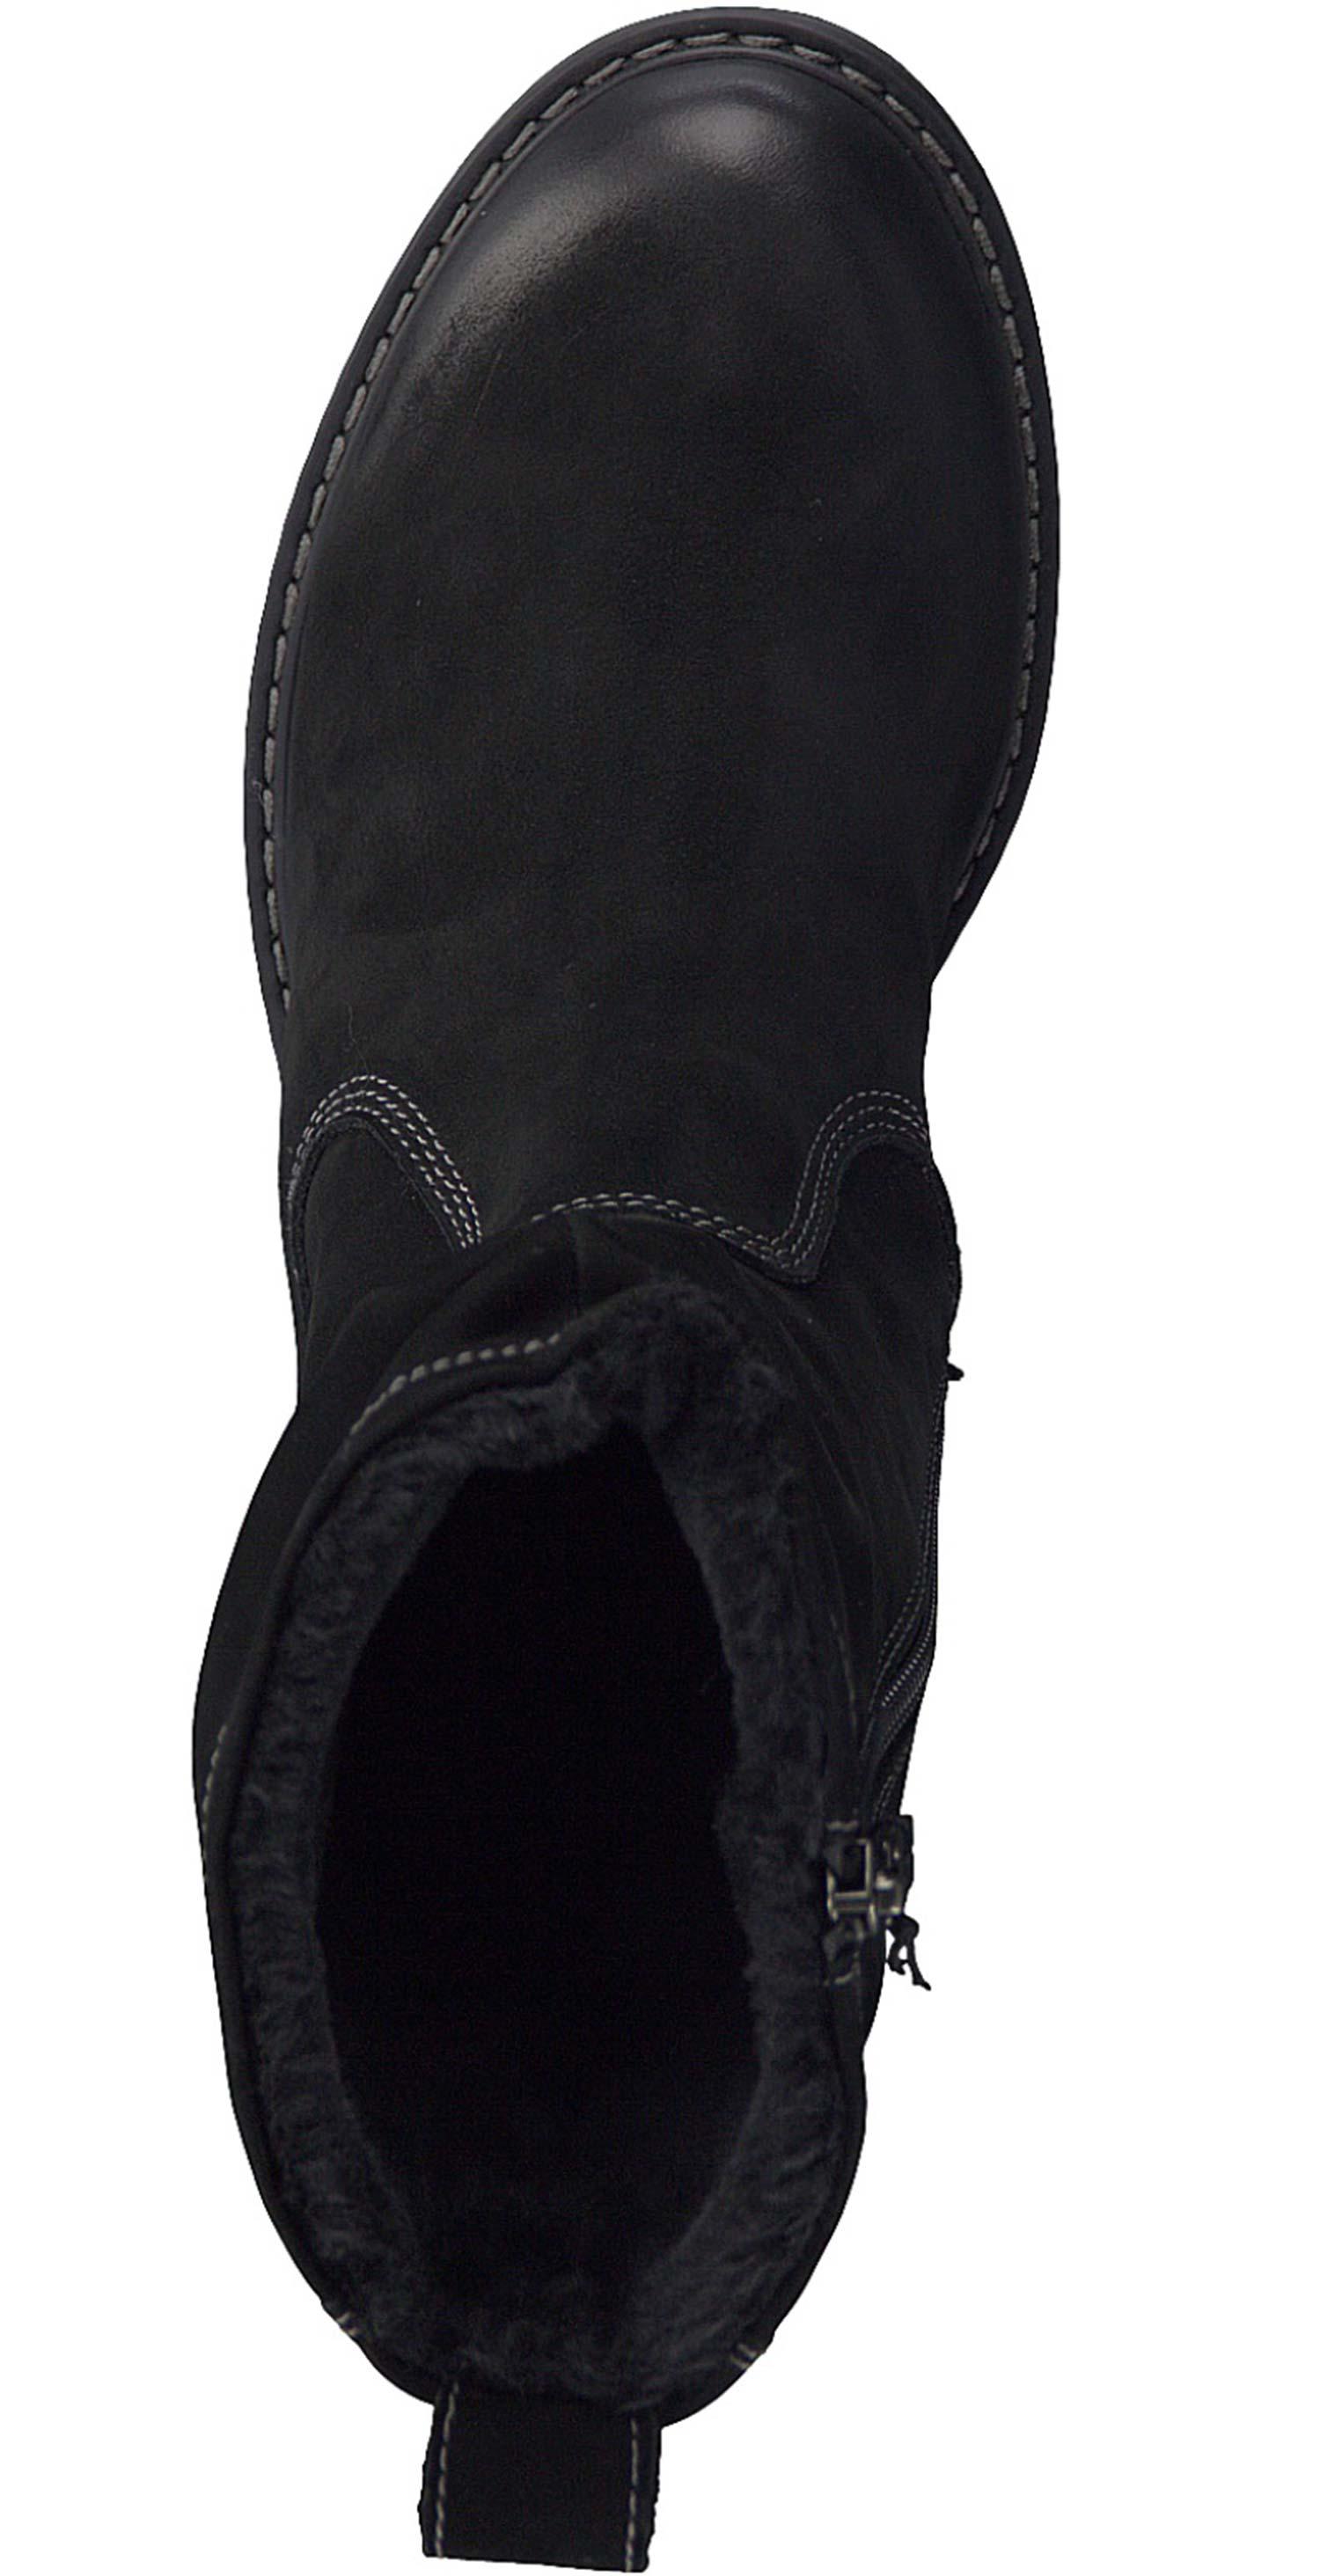 Tamaris botas Mujer Winter botas Botines Winter Mujer 25512-21 864 Negras Nueva c8c097